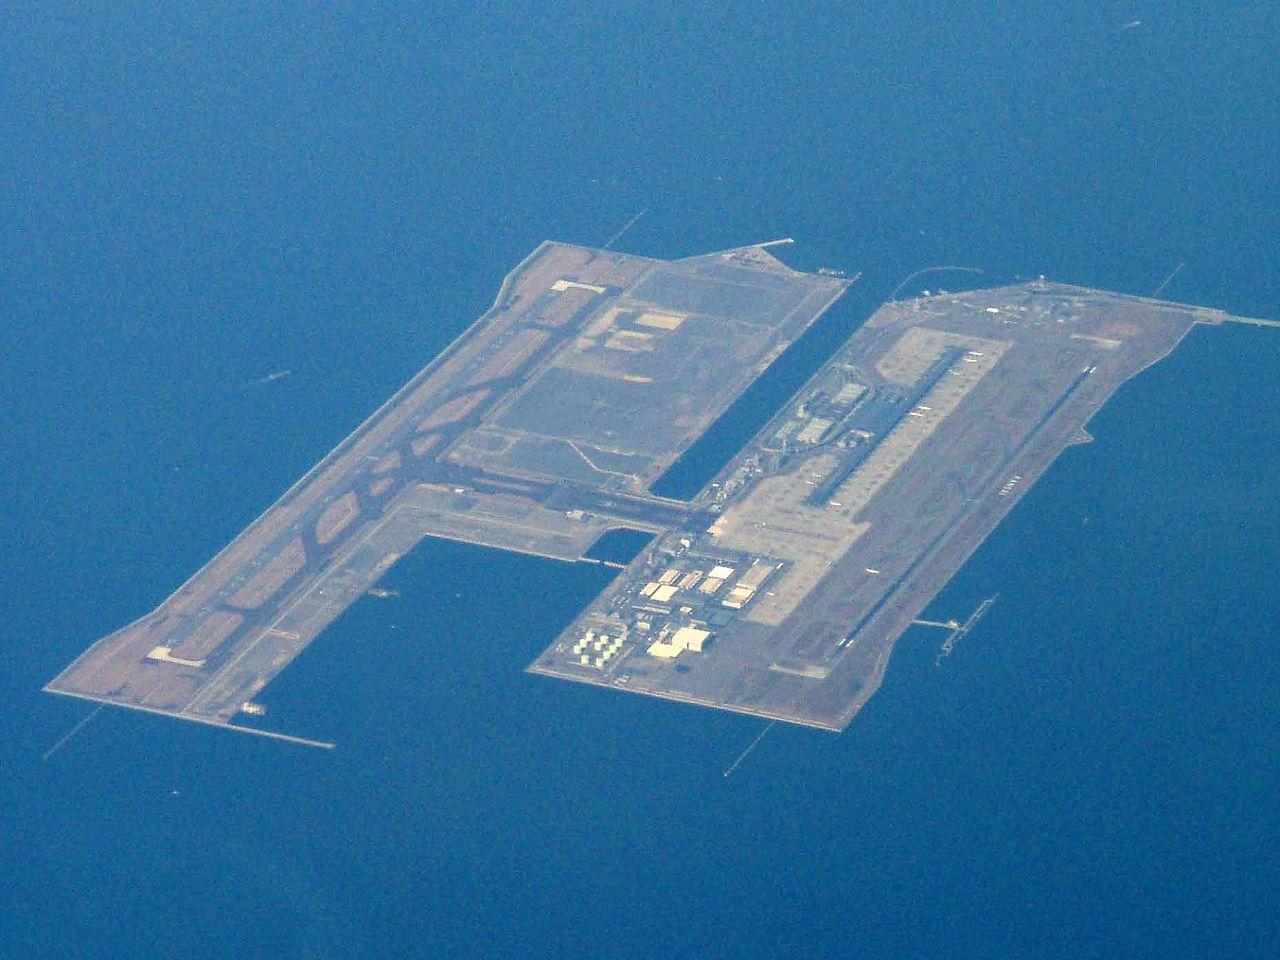 Aéroport - Kansai - Île artificielle - Japon - Osaka - SchoolMouv - Géographie - CM2